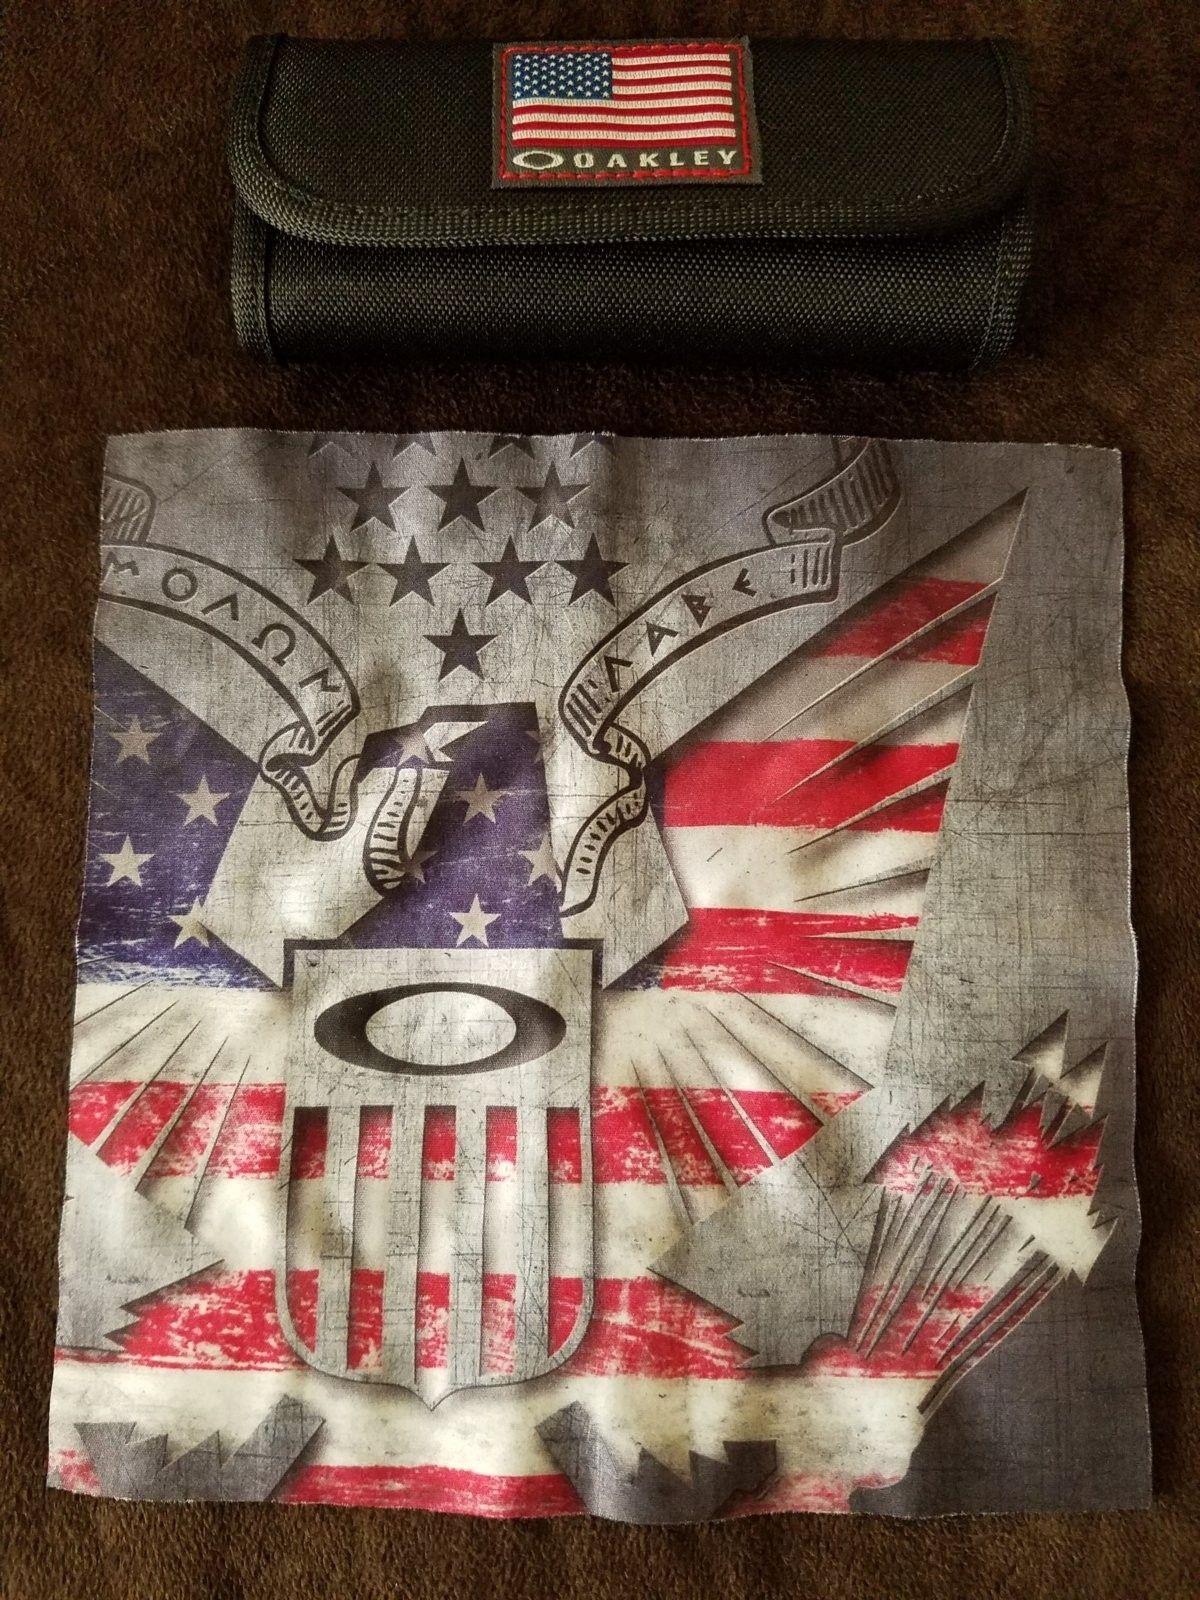 USA Flag Lens Cleaning Kit - 20160725_144624.jpg